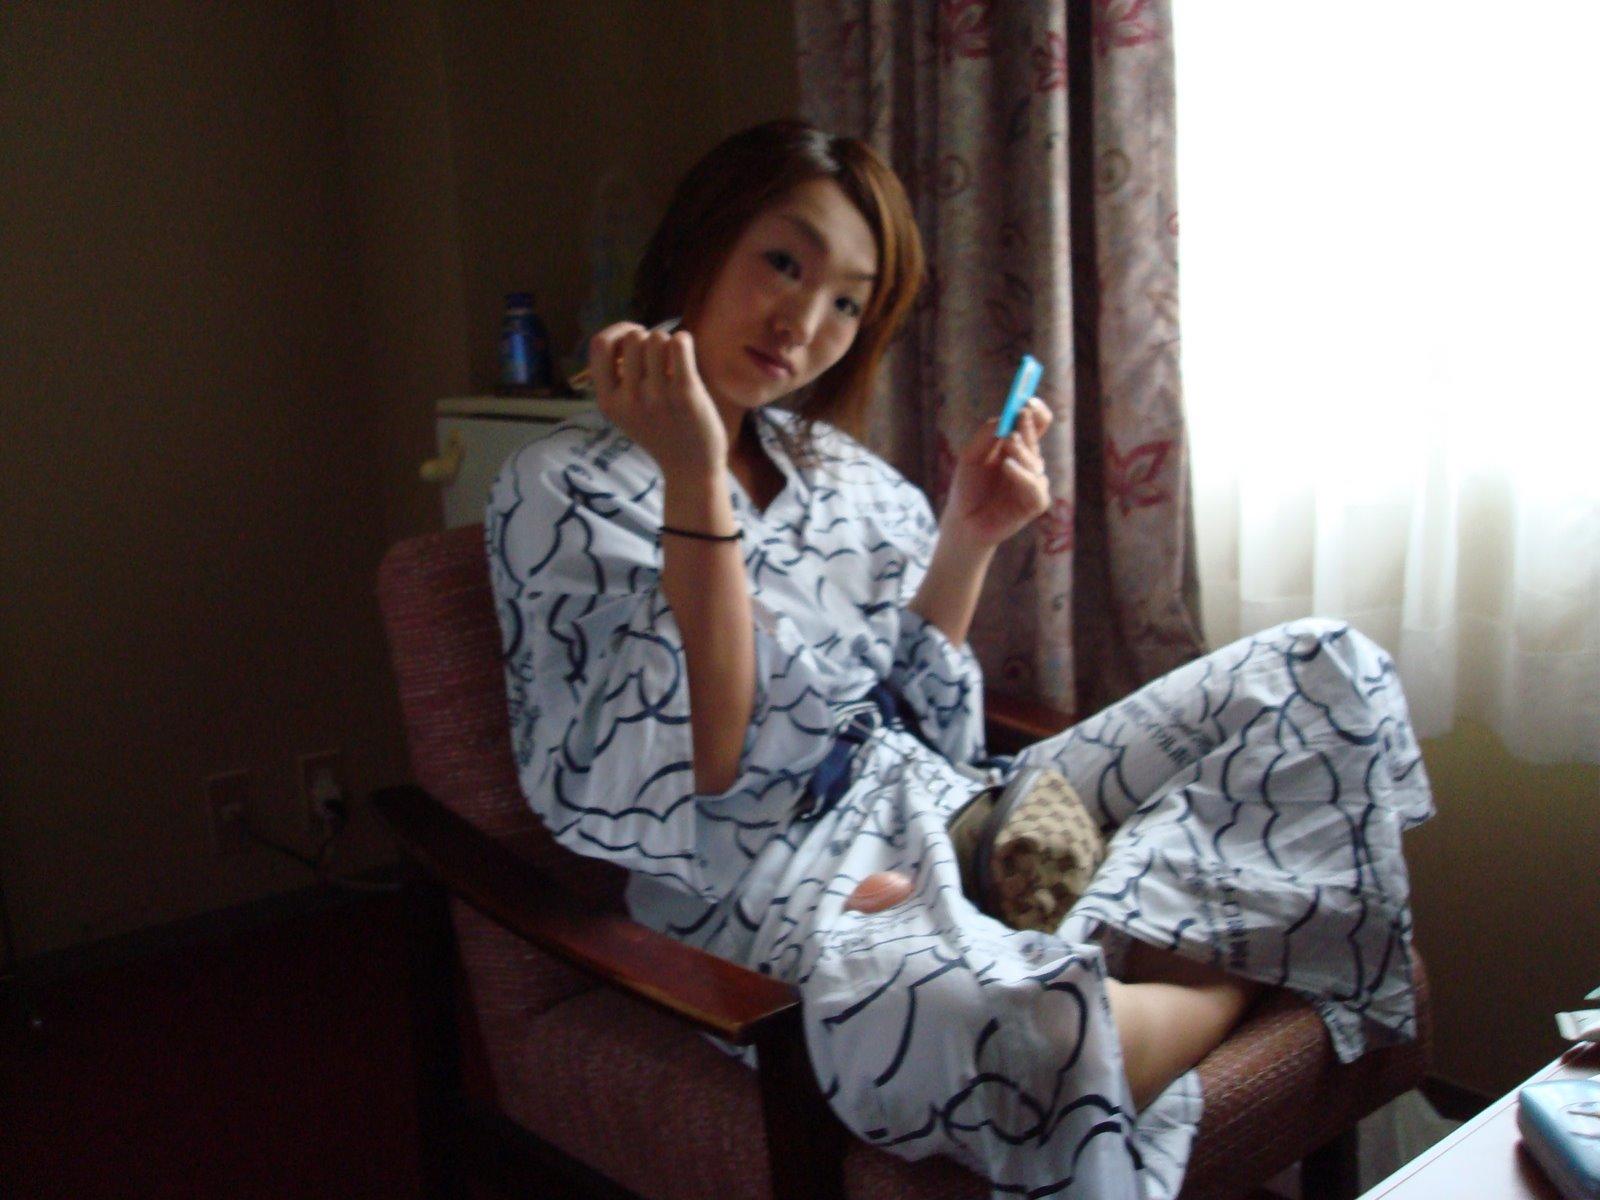 普通の娘のエロい画像 Part20 [無断転載禁止]©bbspink.comYouTube動画>3本 ->画像>667枚